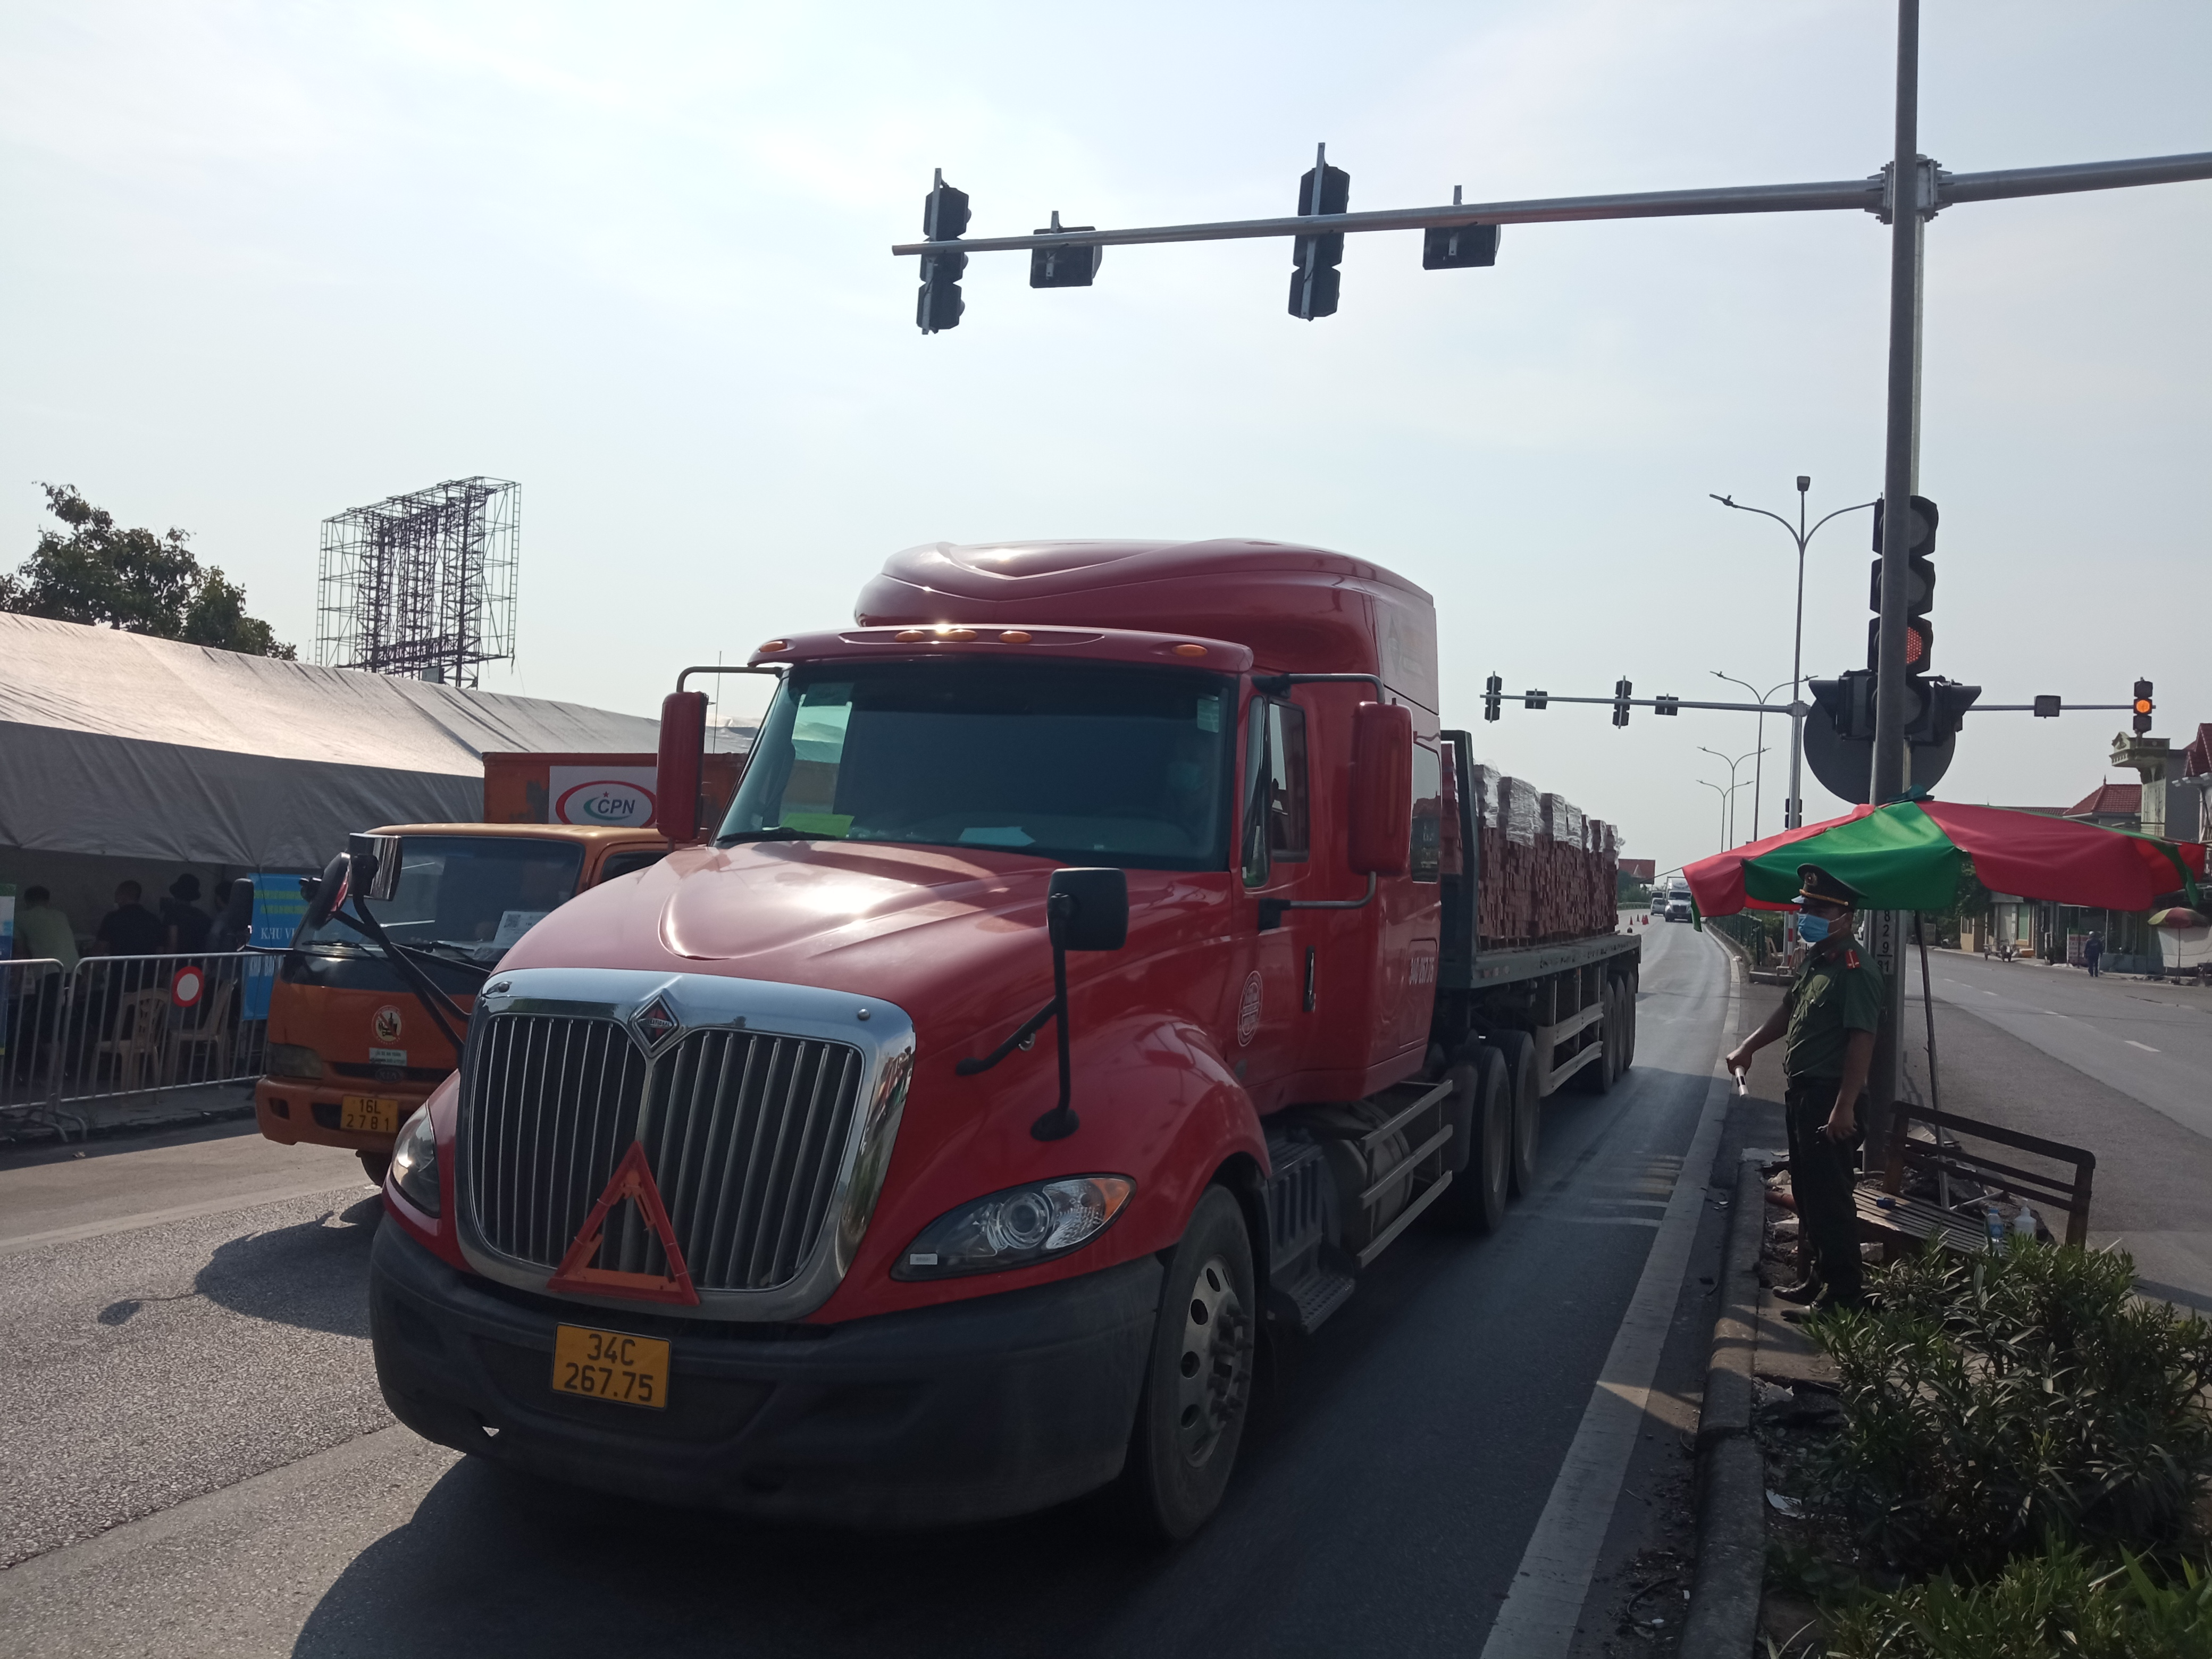 Địa điểm được chọn làm chốt phụ trên Quốc lộ 5 thuộc địa bàn xã Nam Sơn, huyện An Dương, Hải Phòng, bắt đầu hoạt động vào ngày 4/8.